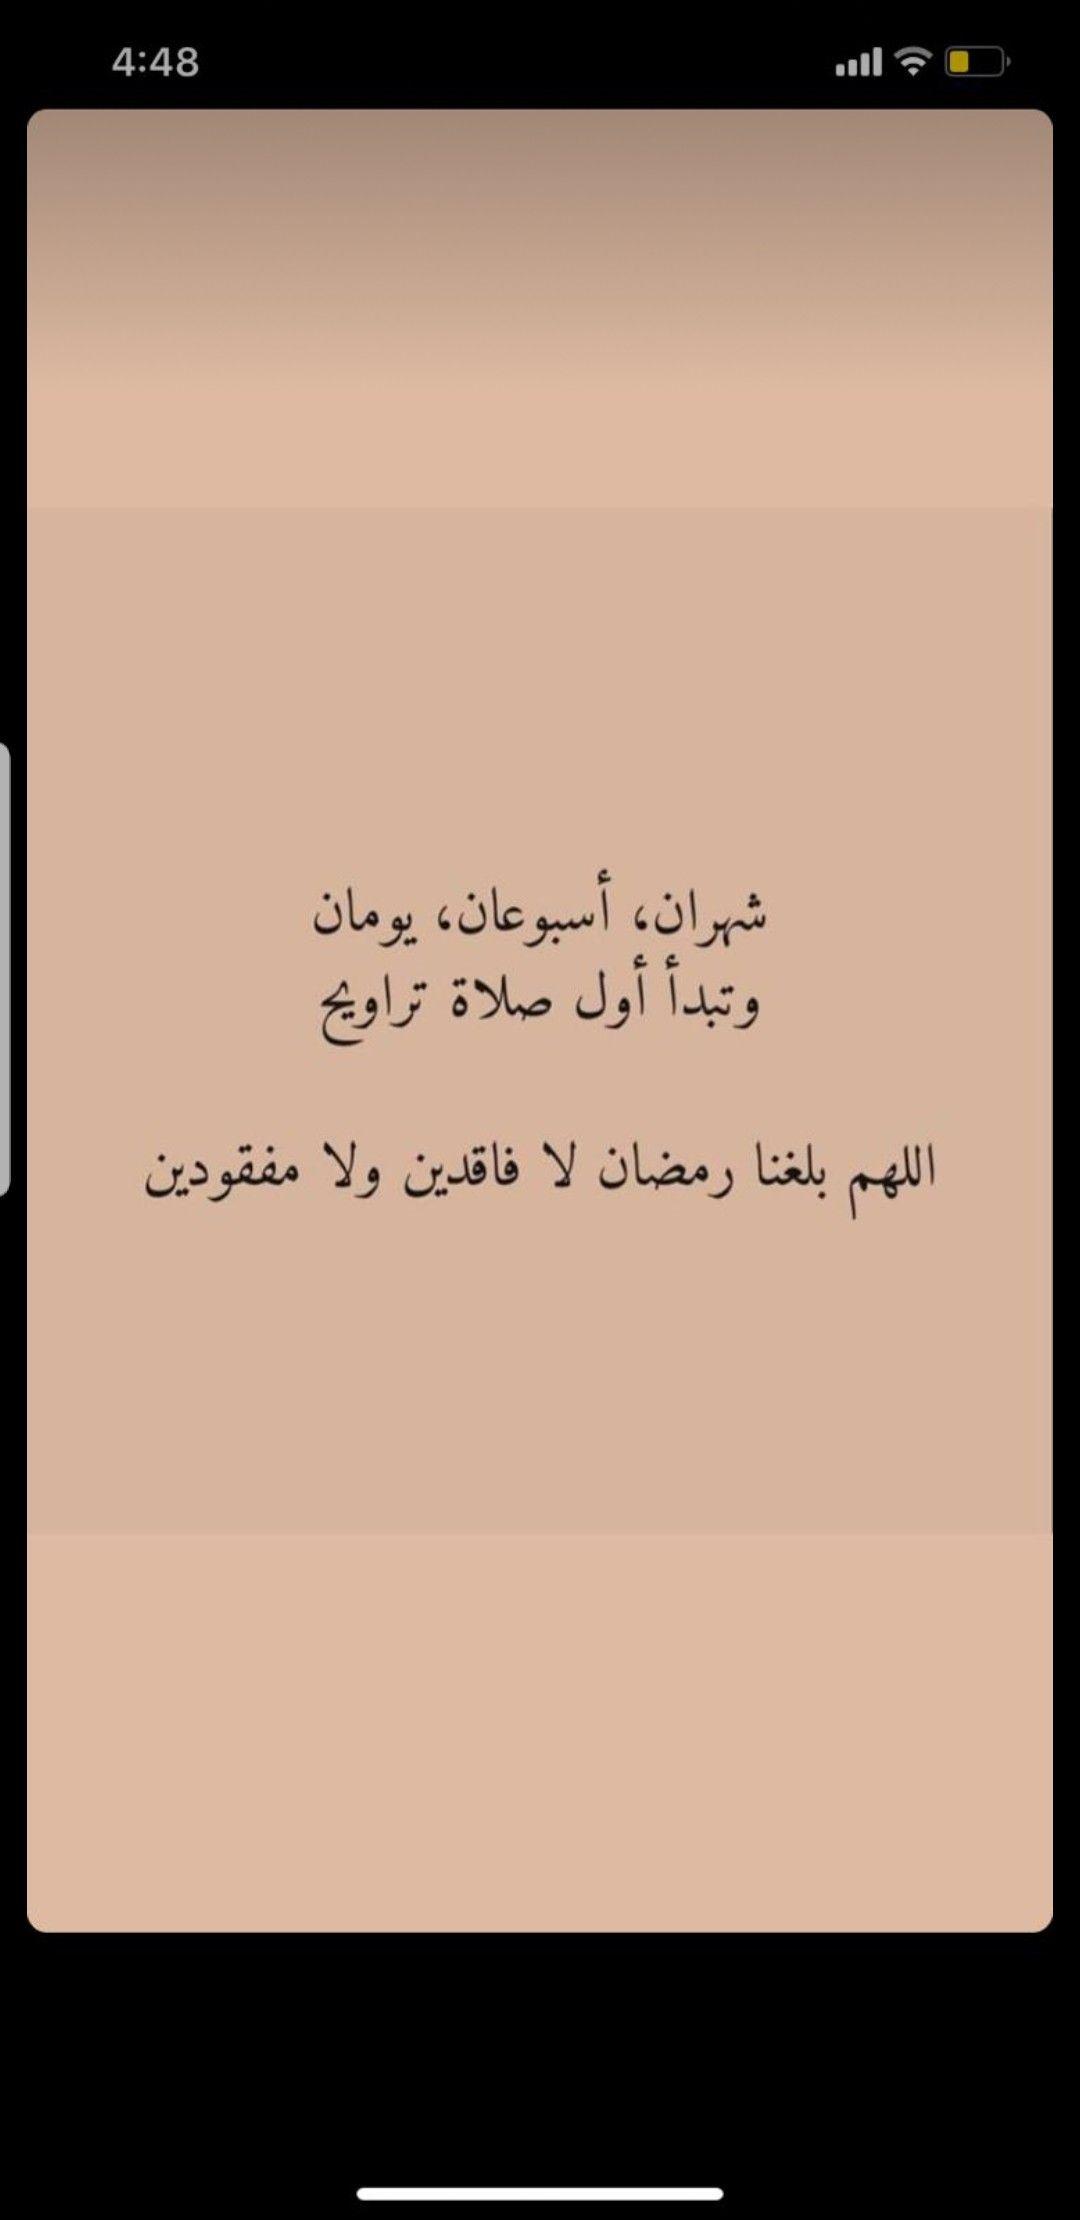 اللهم بلغنا رمضان لا فاقدين ولا مفقودين In 2021 Art Wallpaper Lias Calligraphy